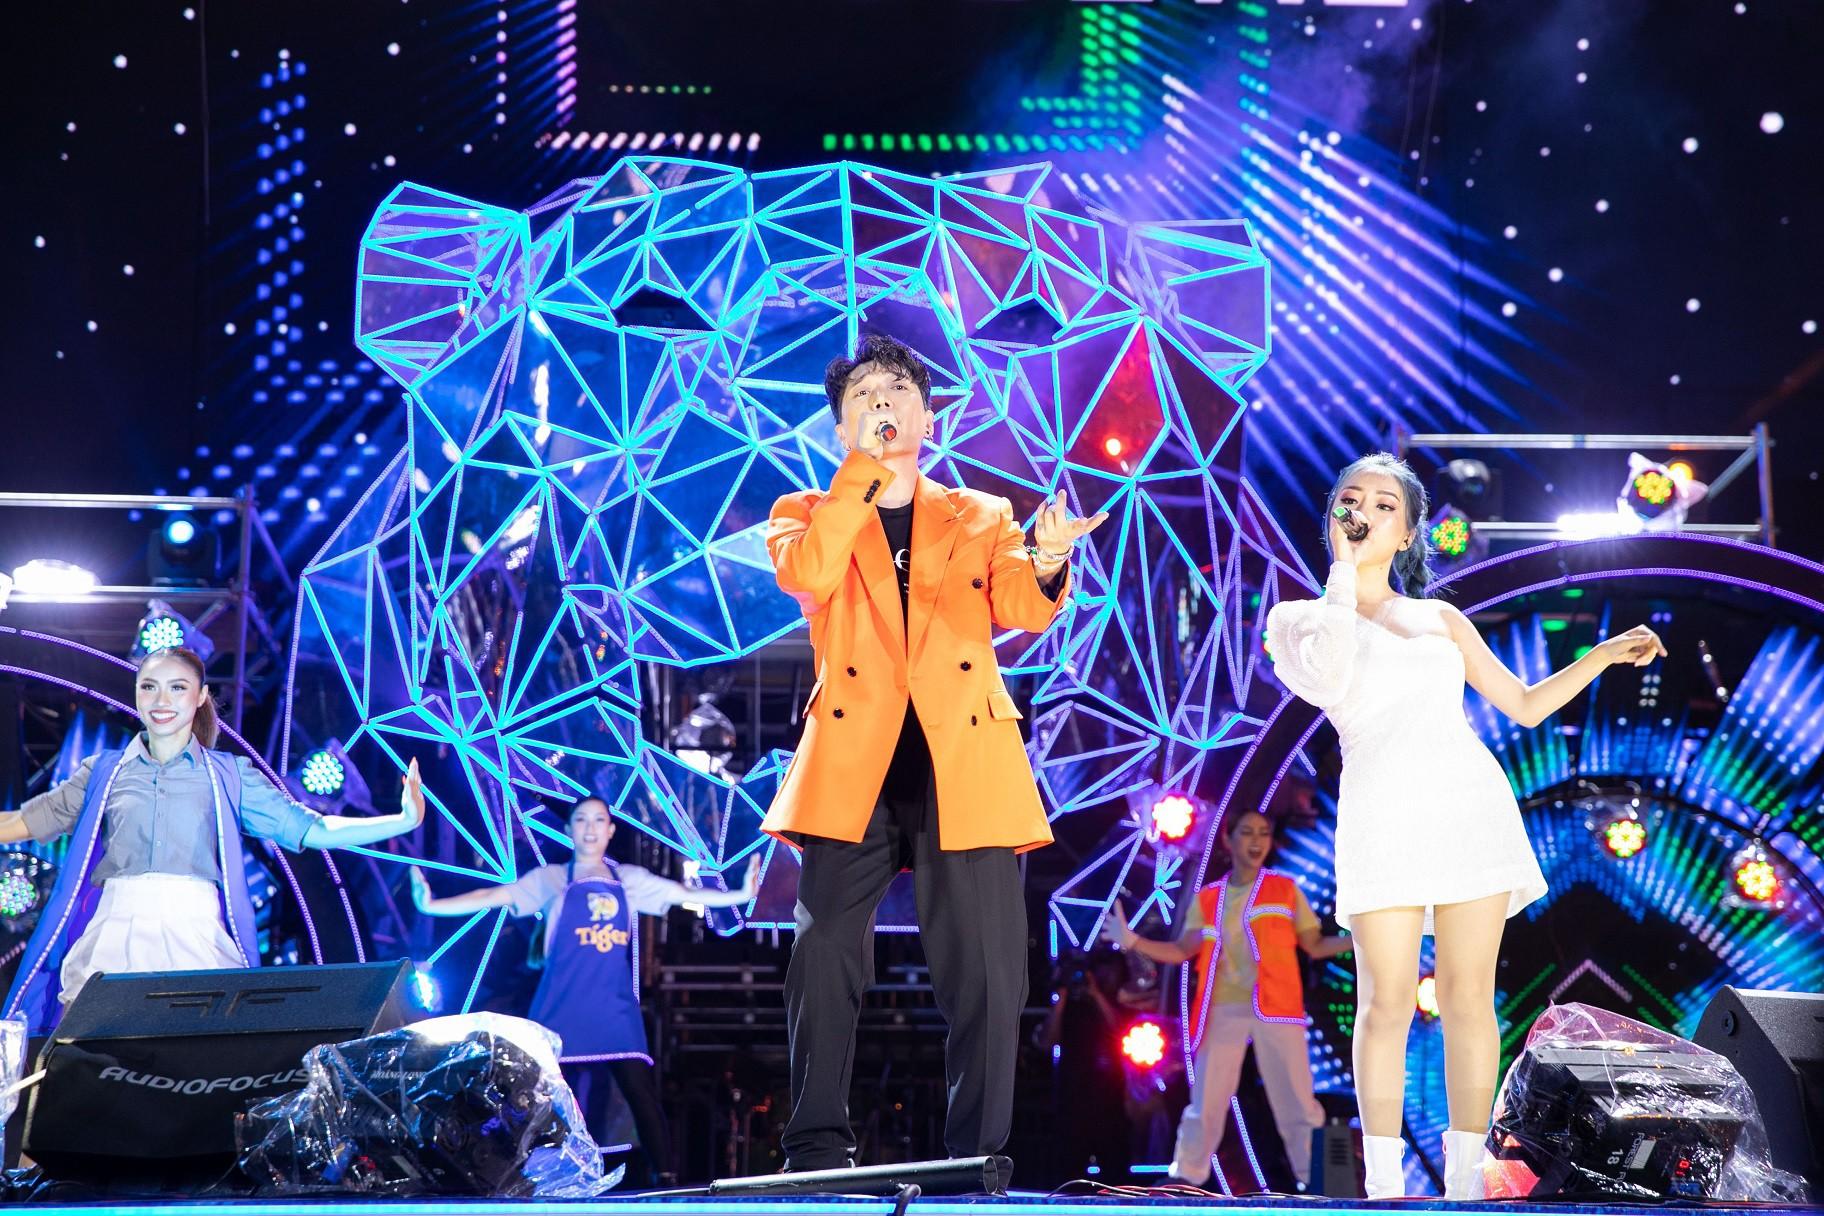 """Sau khăn """"bà ngoại"""", Sơn Tùng tiếp tục khiến fan """"bấn loạn"""" với style """"ông ngoại quốc dân"""" - Ảnh 11."""